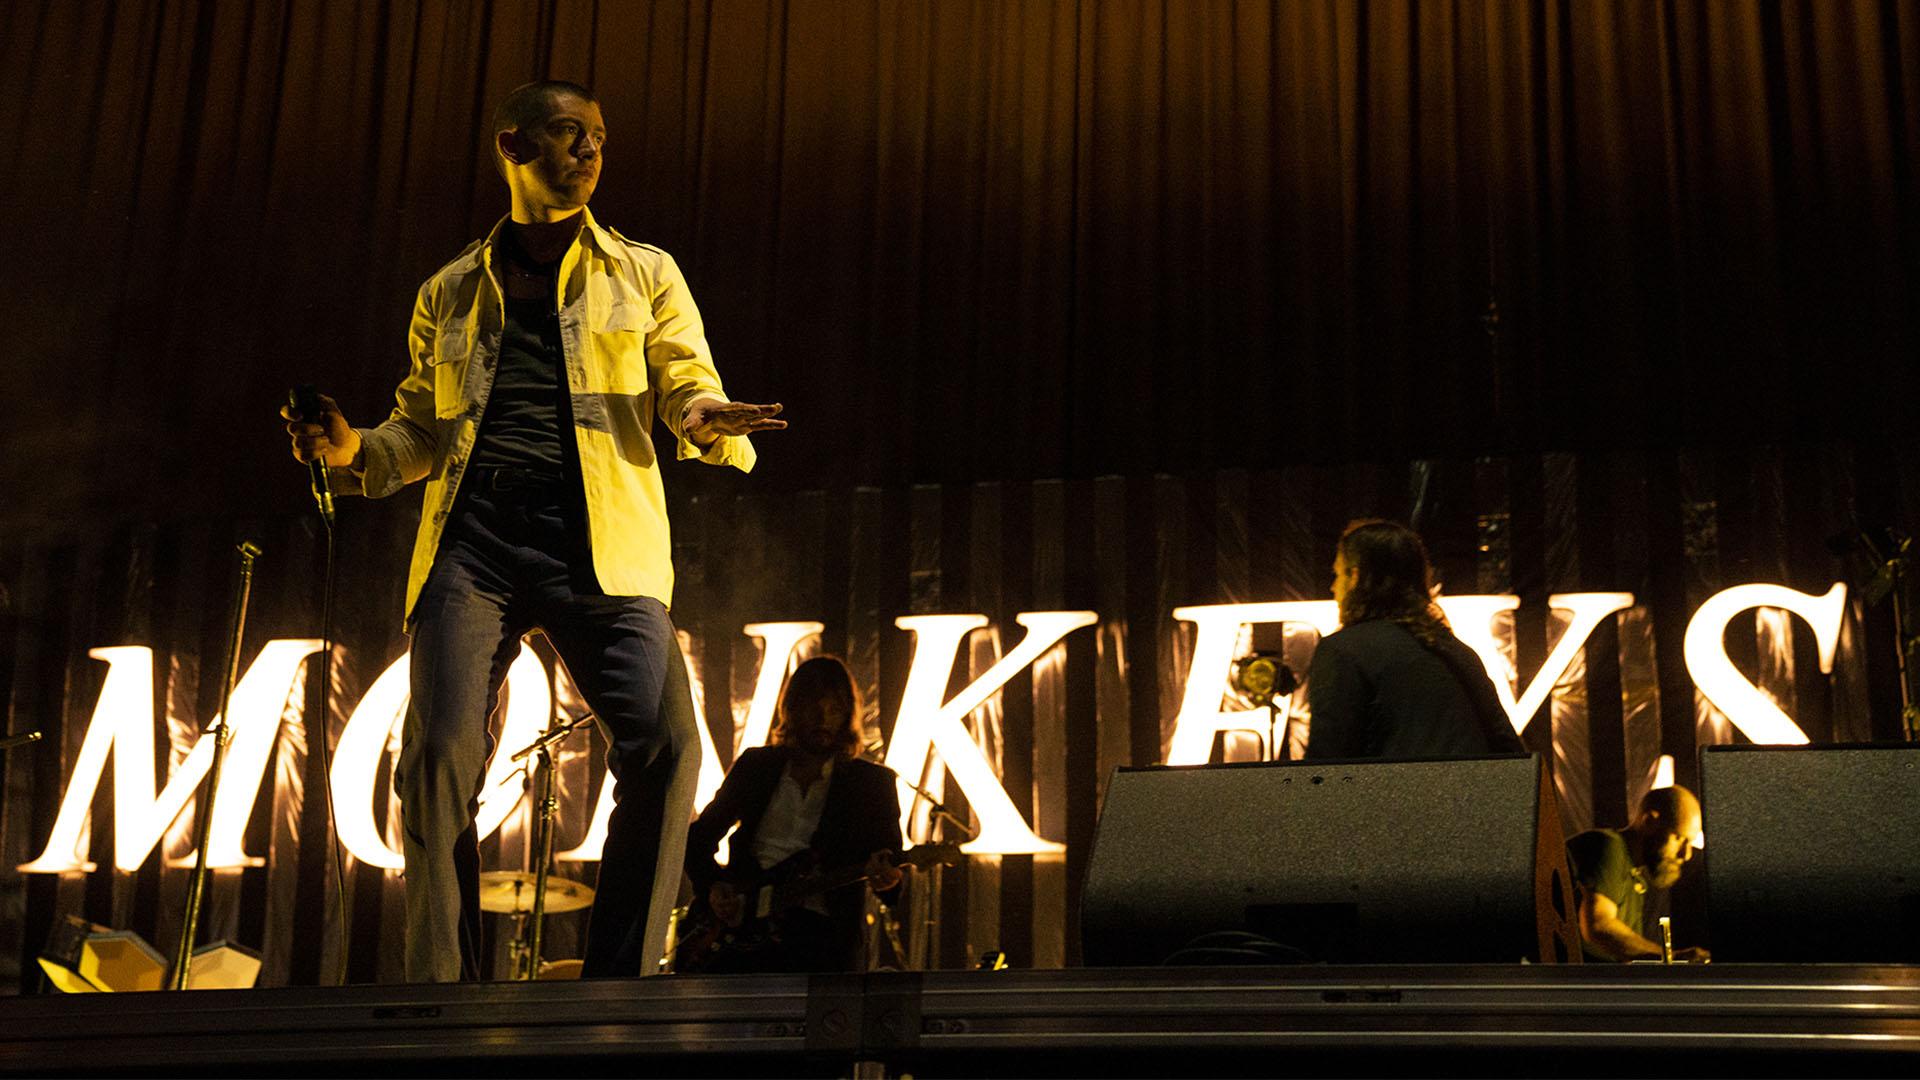 Alex Turner de los Arctic Monkeys en el cierre del Día 1.